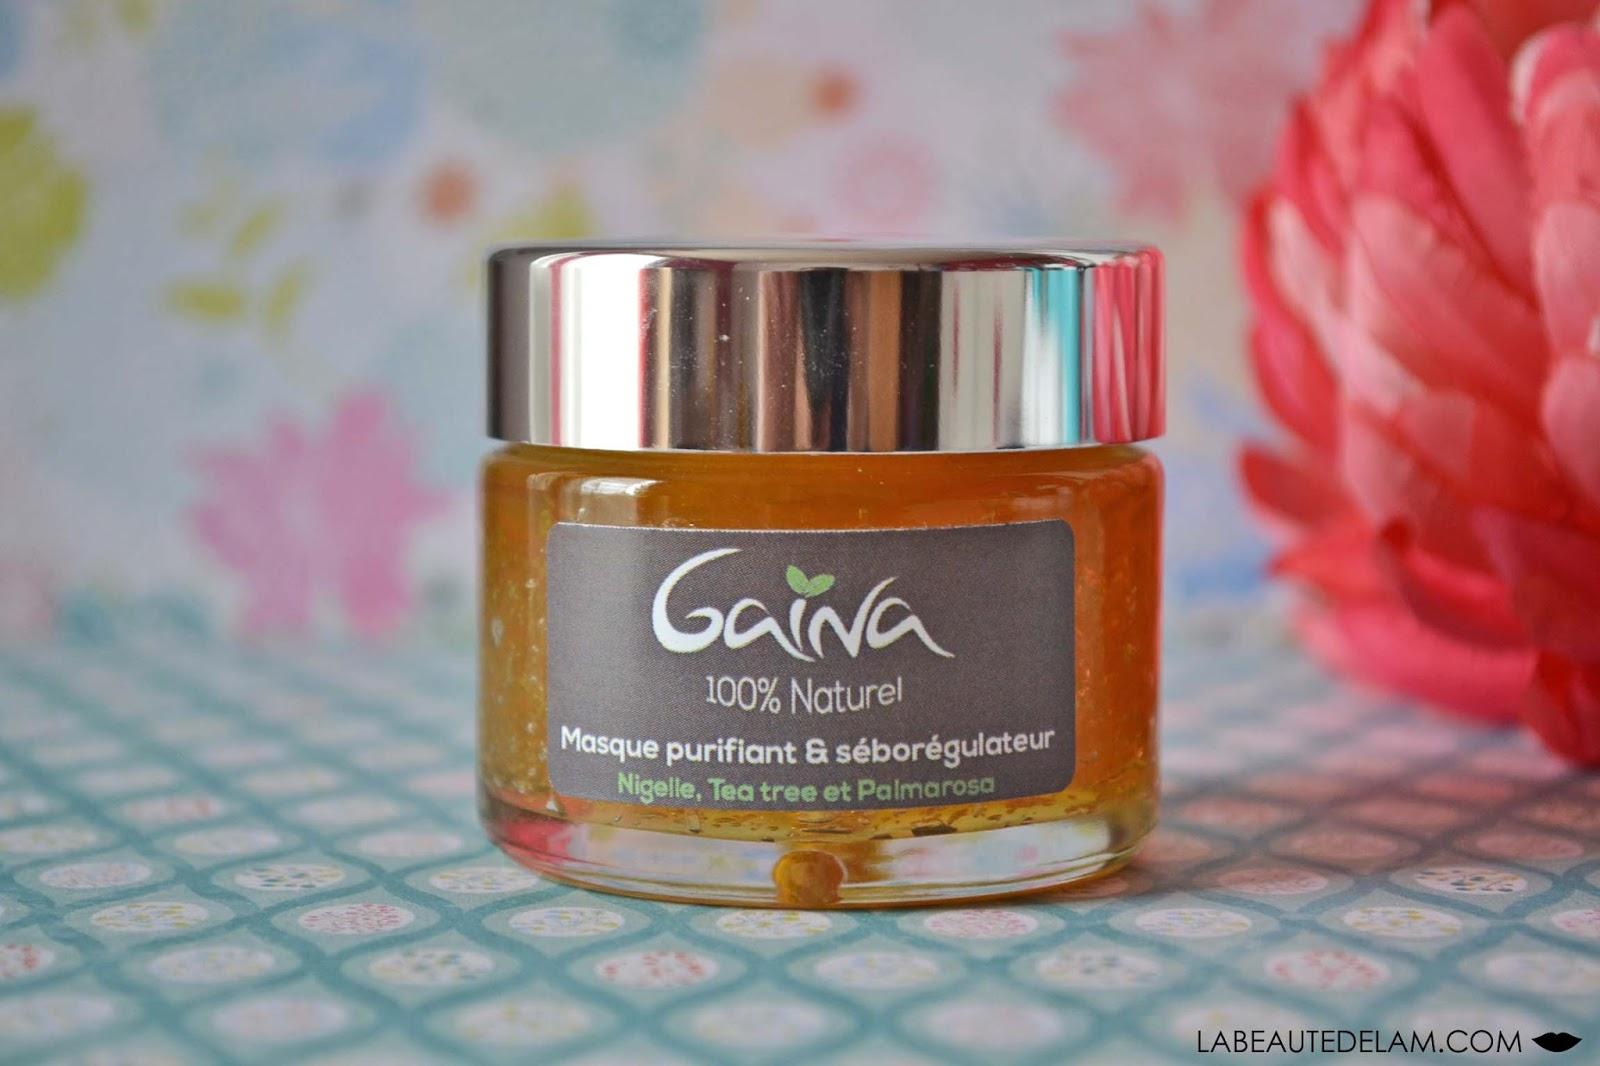 La Beauté de Lâm - Blog beauté bien-être culture et gourmandise: Gaïna - Masque  purifiant & séborégulateur : une texture inédite pour un résultat étonnantLa Beauté de Lâm